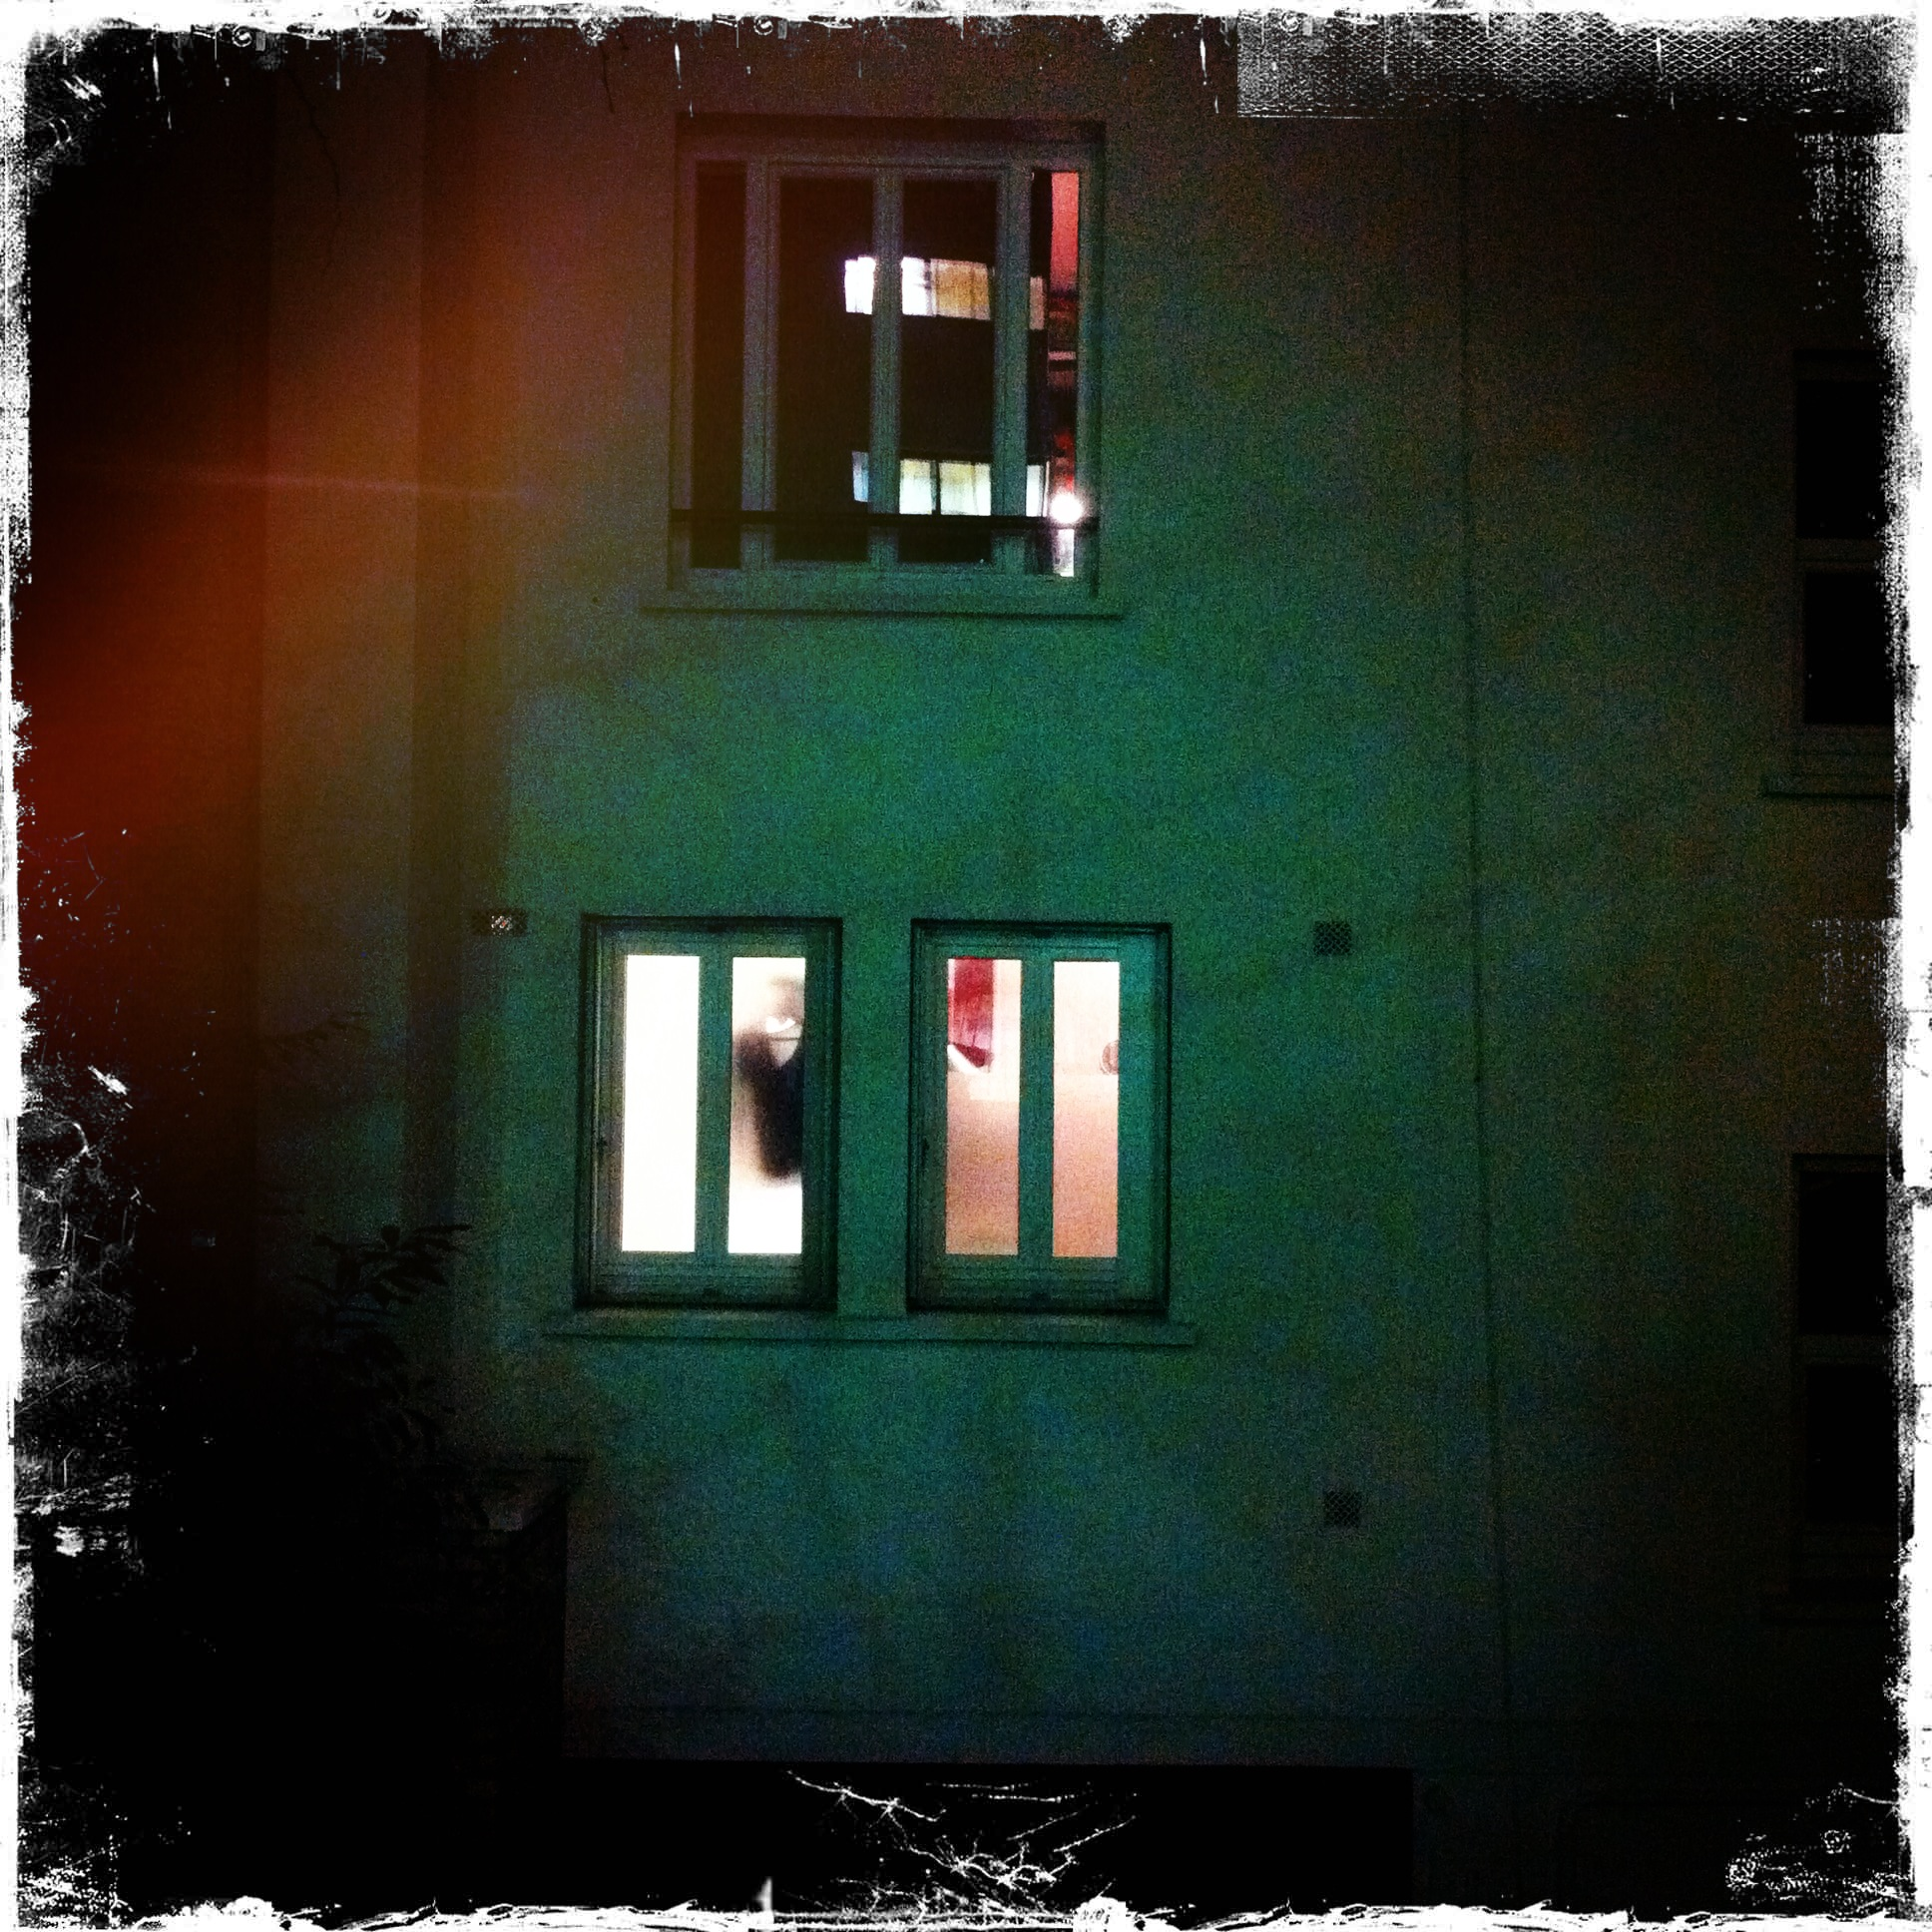 2 mois à l'hosto #7 - Fenêtre sur cour 2